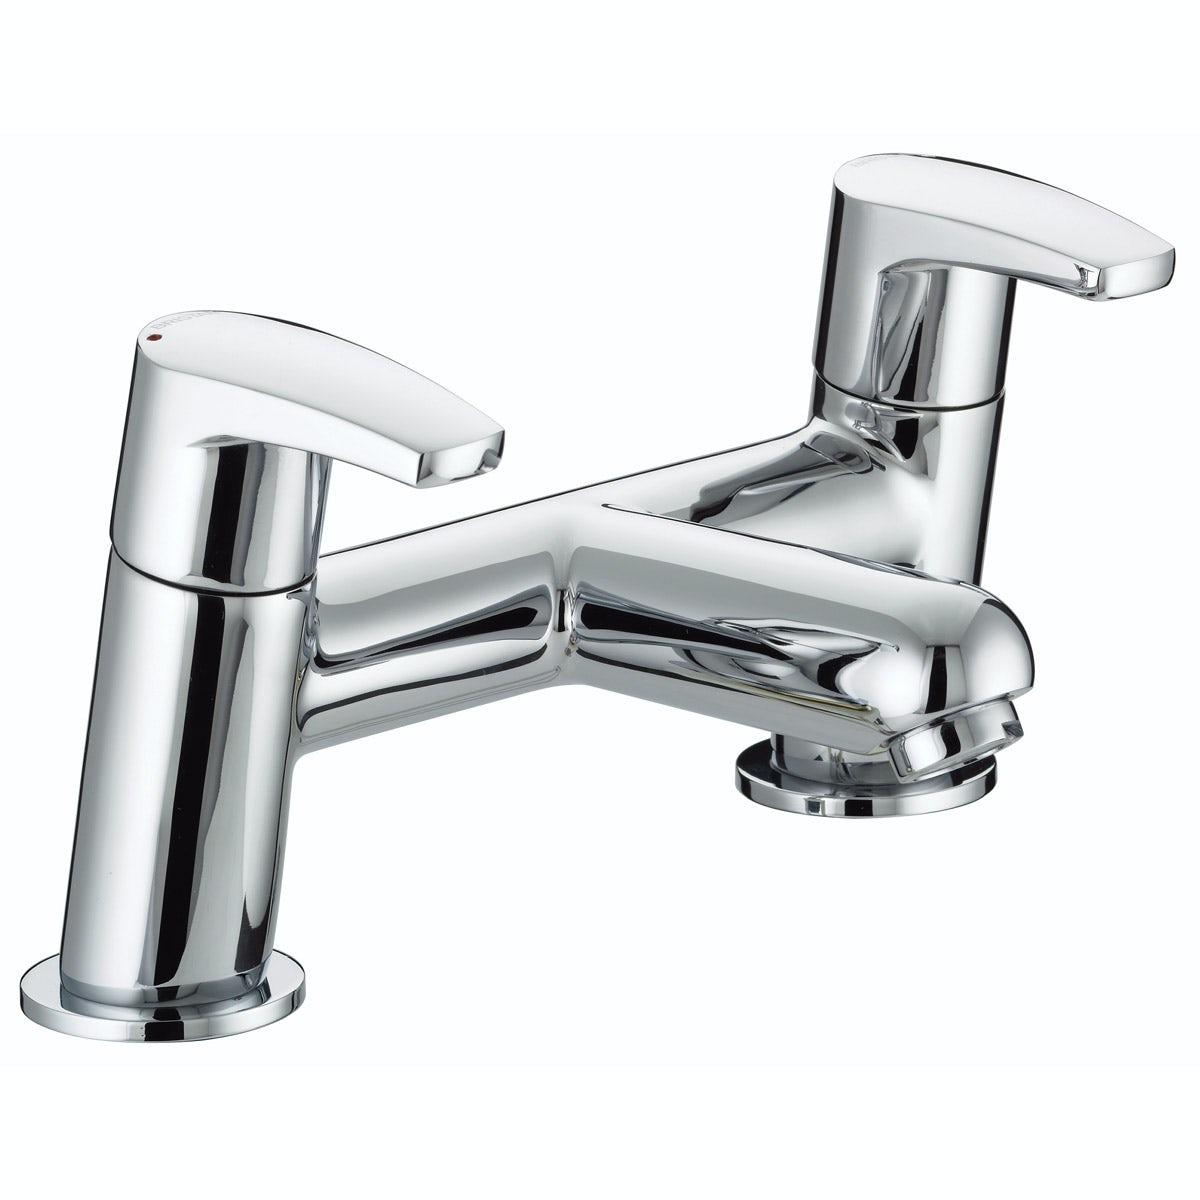 Bristan Orta bath mixer tap